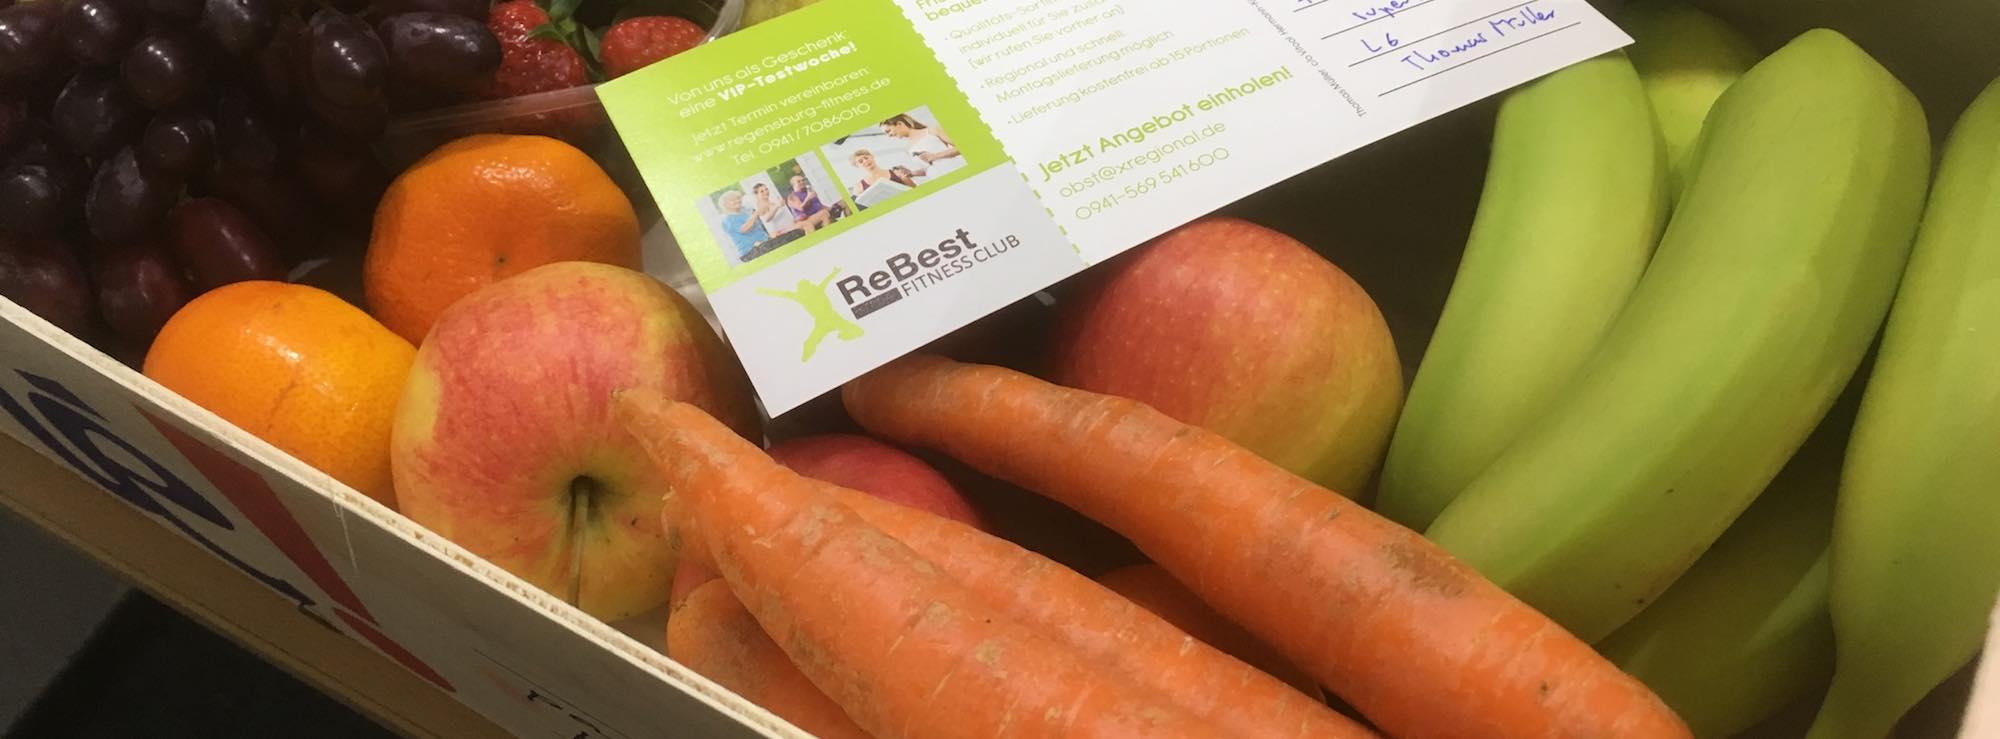 Karotten plus 4 kg gemischtes Obst für einen Mainzer Kunden